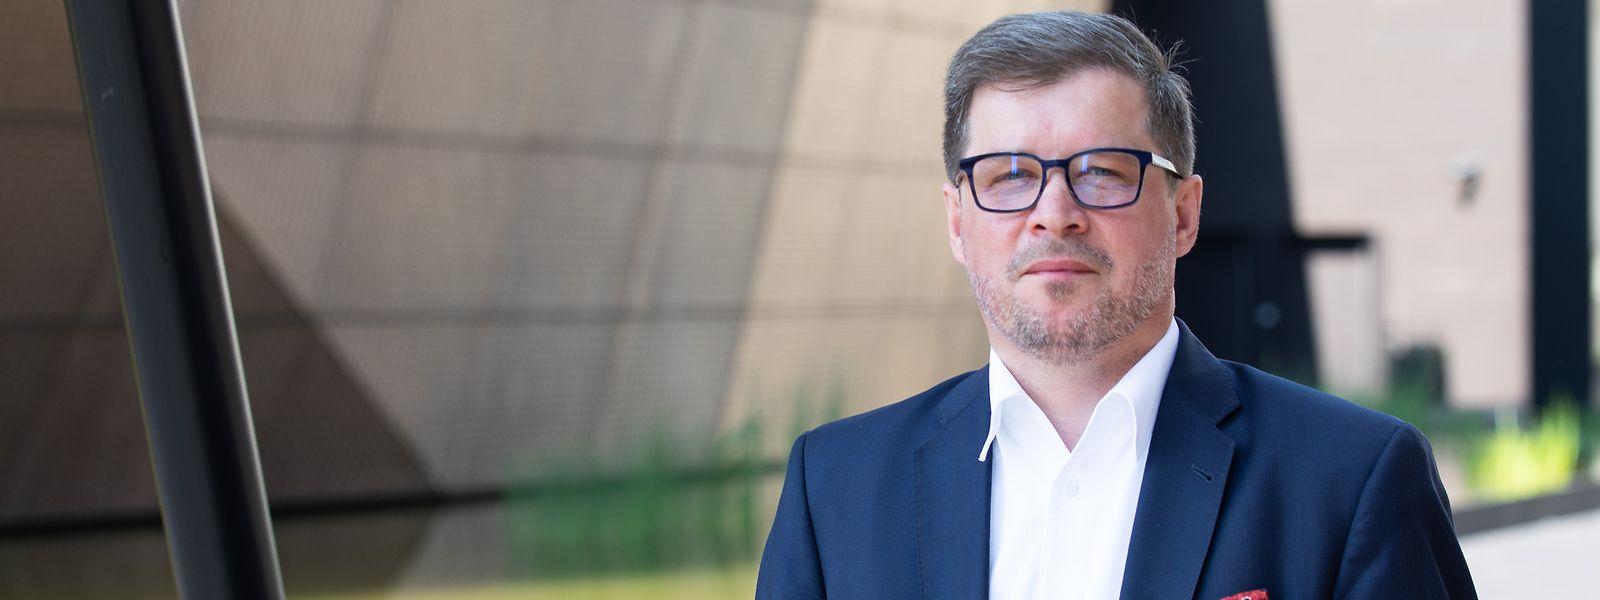 Marc Schiltz steht seit zehn Jahren an der Spitze des FNR.